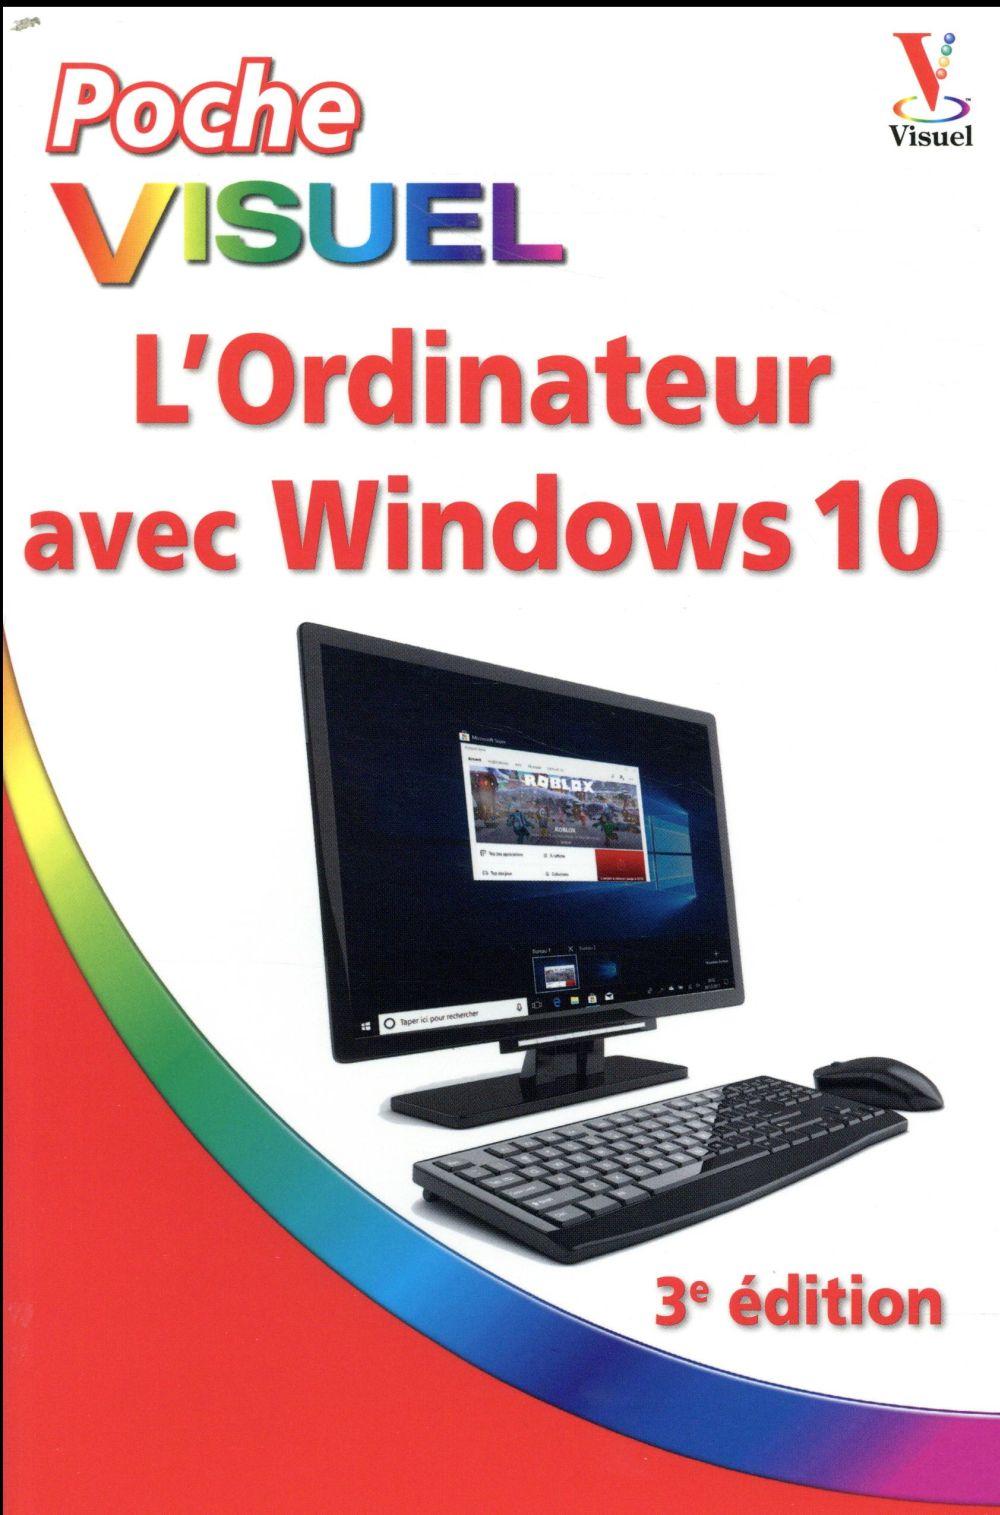 L'ORDINATEUR AVEC WINDOWS 10 - POCHE VISUEL - 3E EDITION